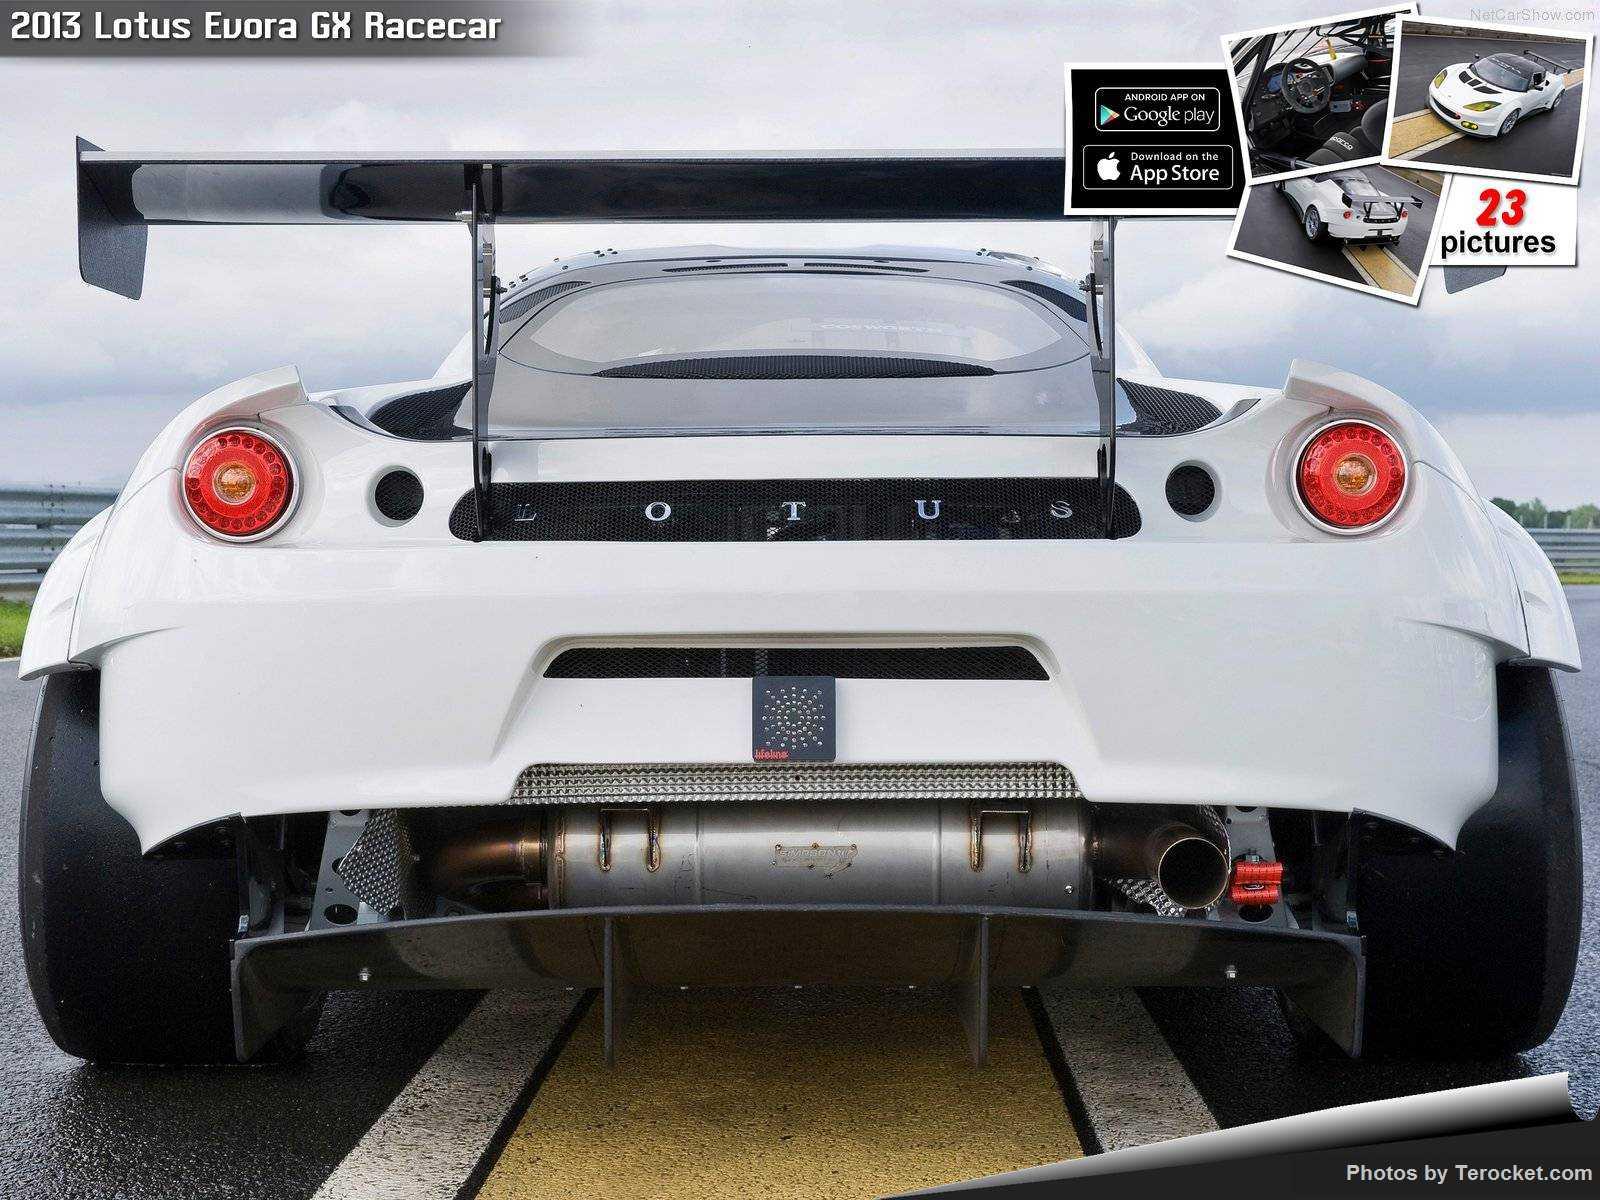 Hình ảnh siêu xe Lotus Evora GX Racecar 2013 & nội ngoại thất